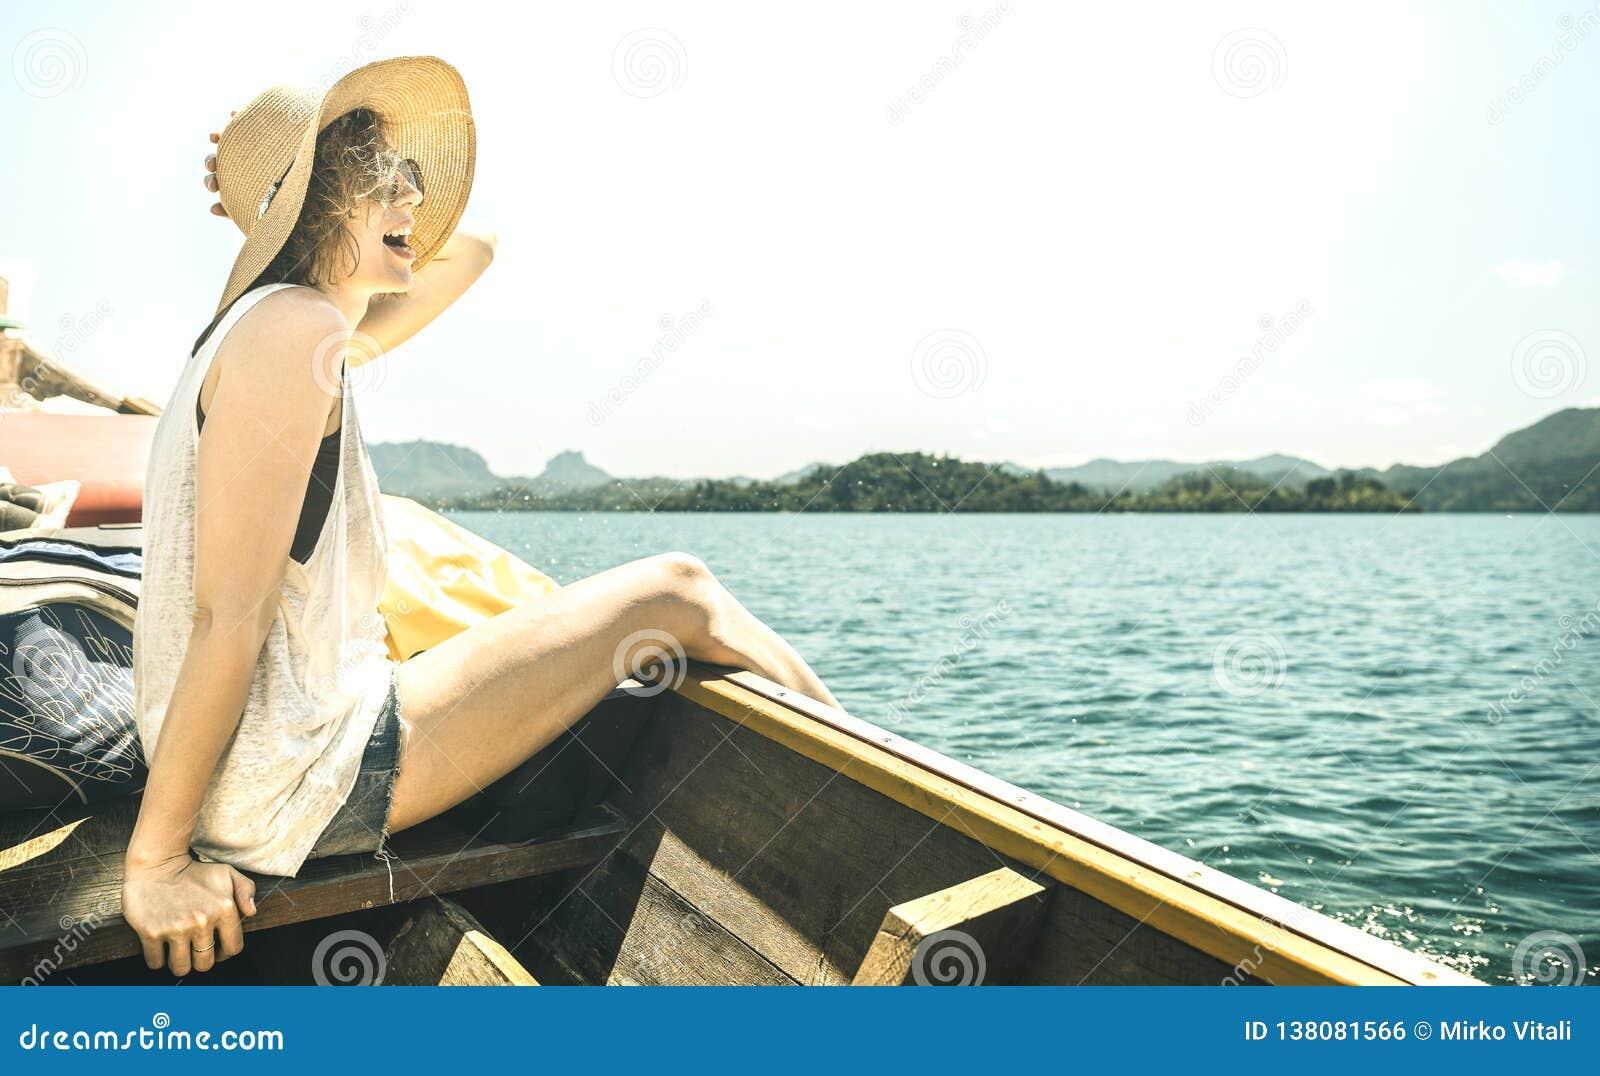 Viajante de solo da jovem mulher na excursão no lago - conceito da viagem do barco do curso do desejo por viajar com o andarilho